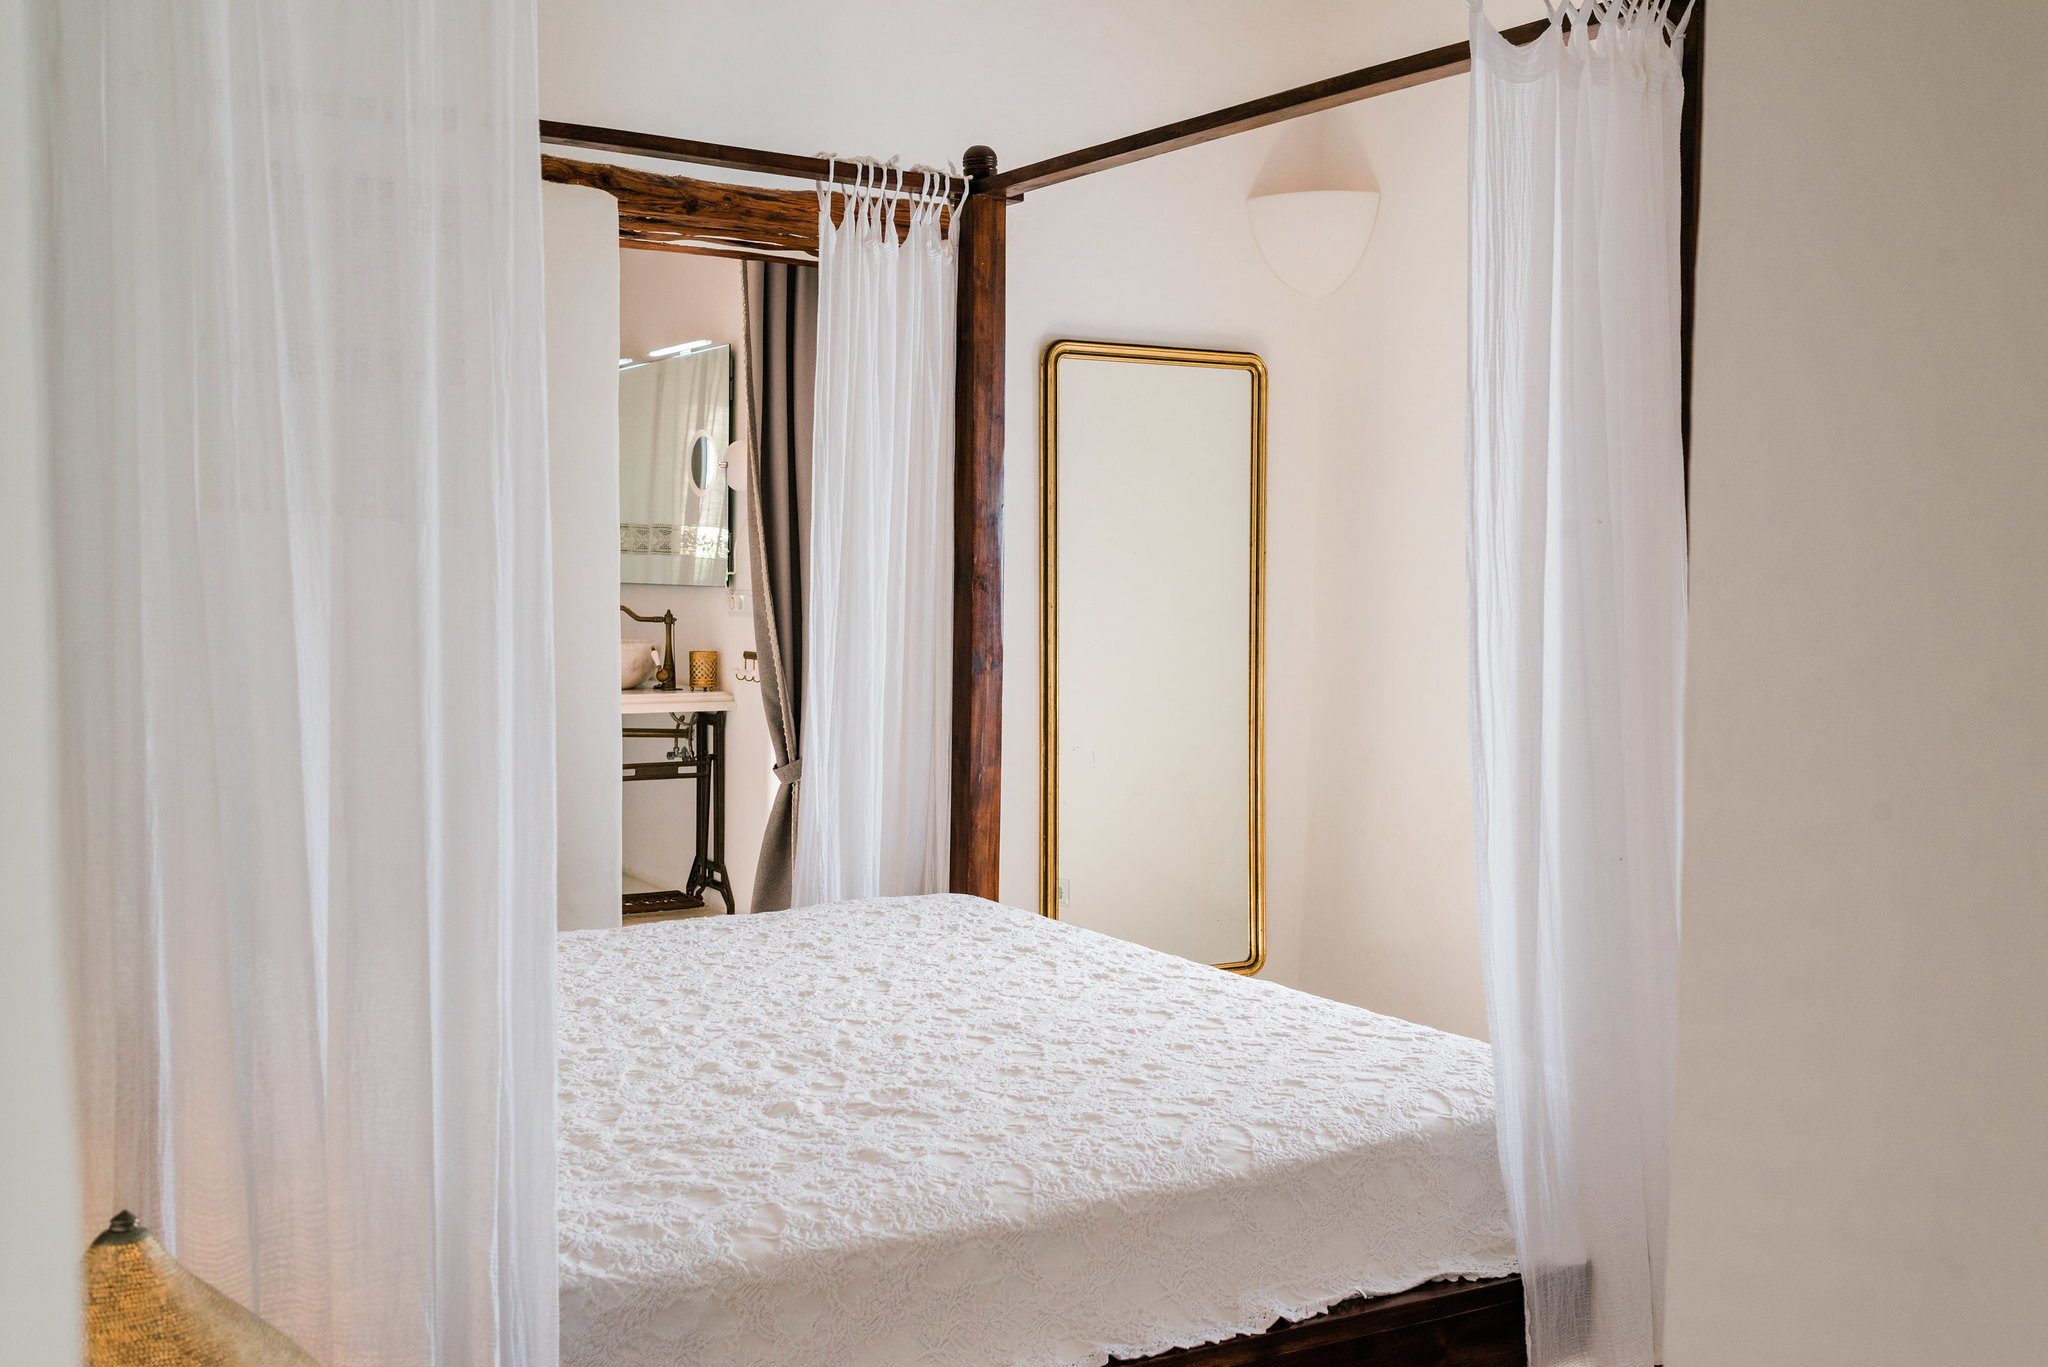 https://www.white-ibiza.com/wp-content/uploads/2020/06/white-ibiza-villas-los-corrales-interior-bedroom5.jpg